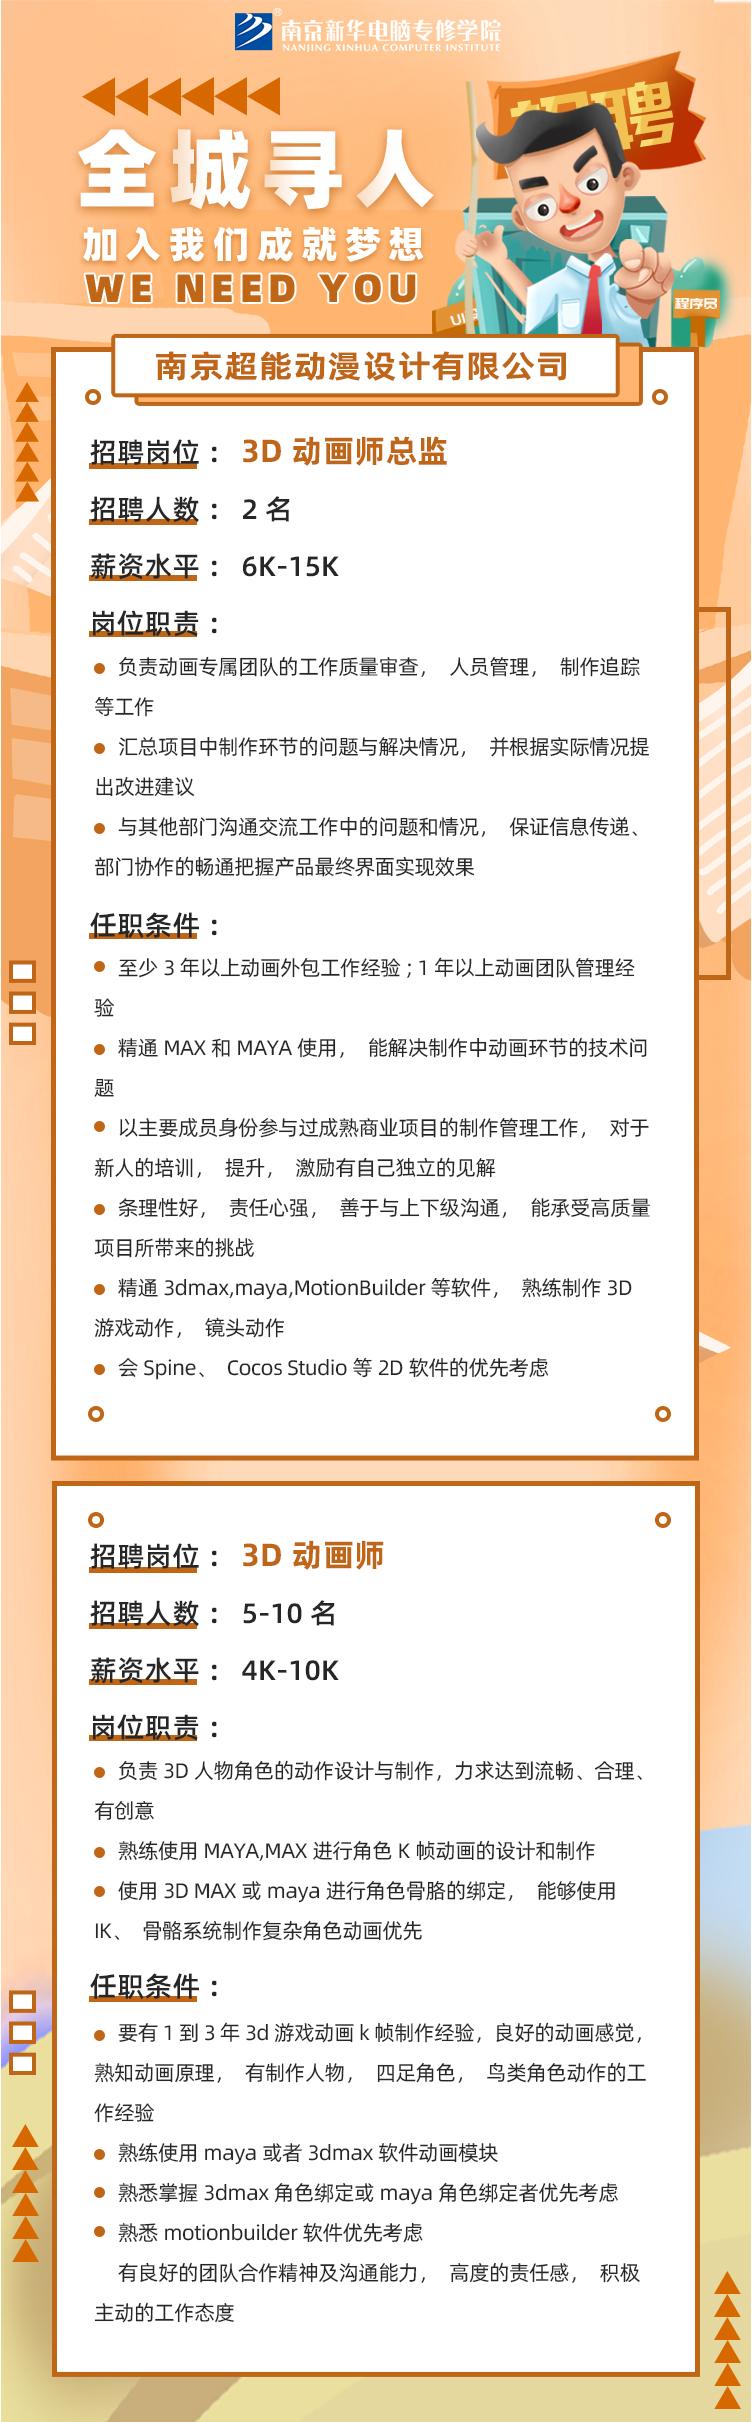 校园招聘丨南京超能动漫设计有限公司